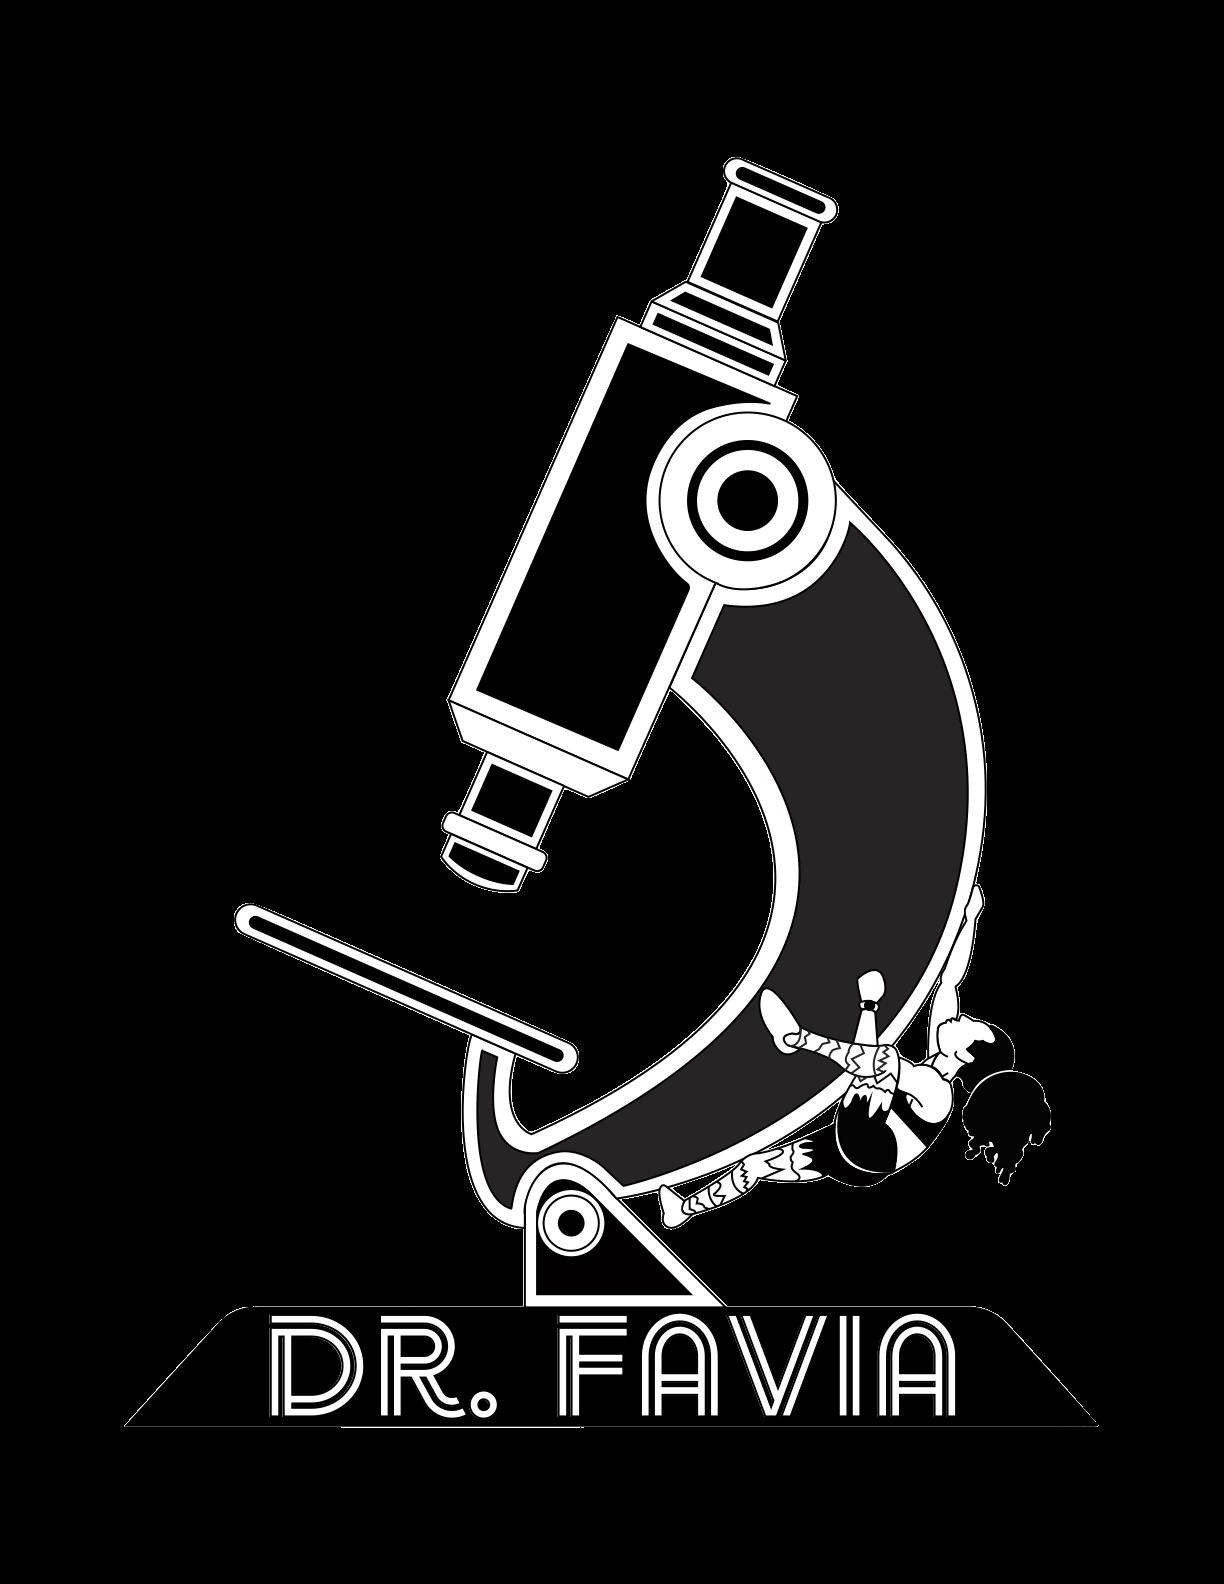 dr favia logo